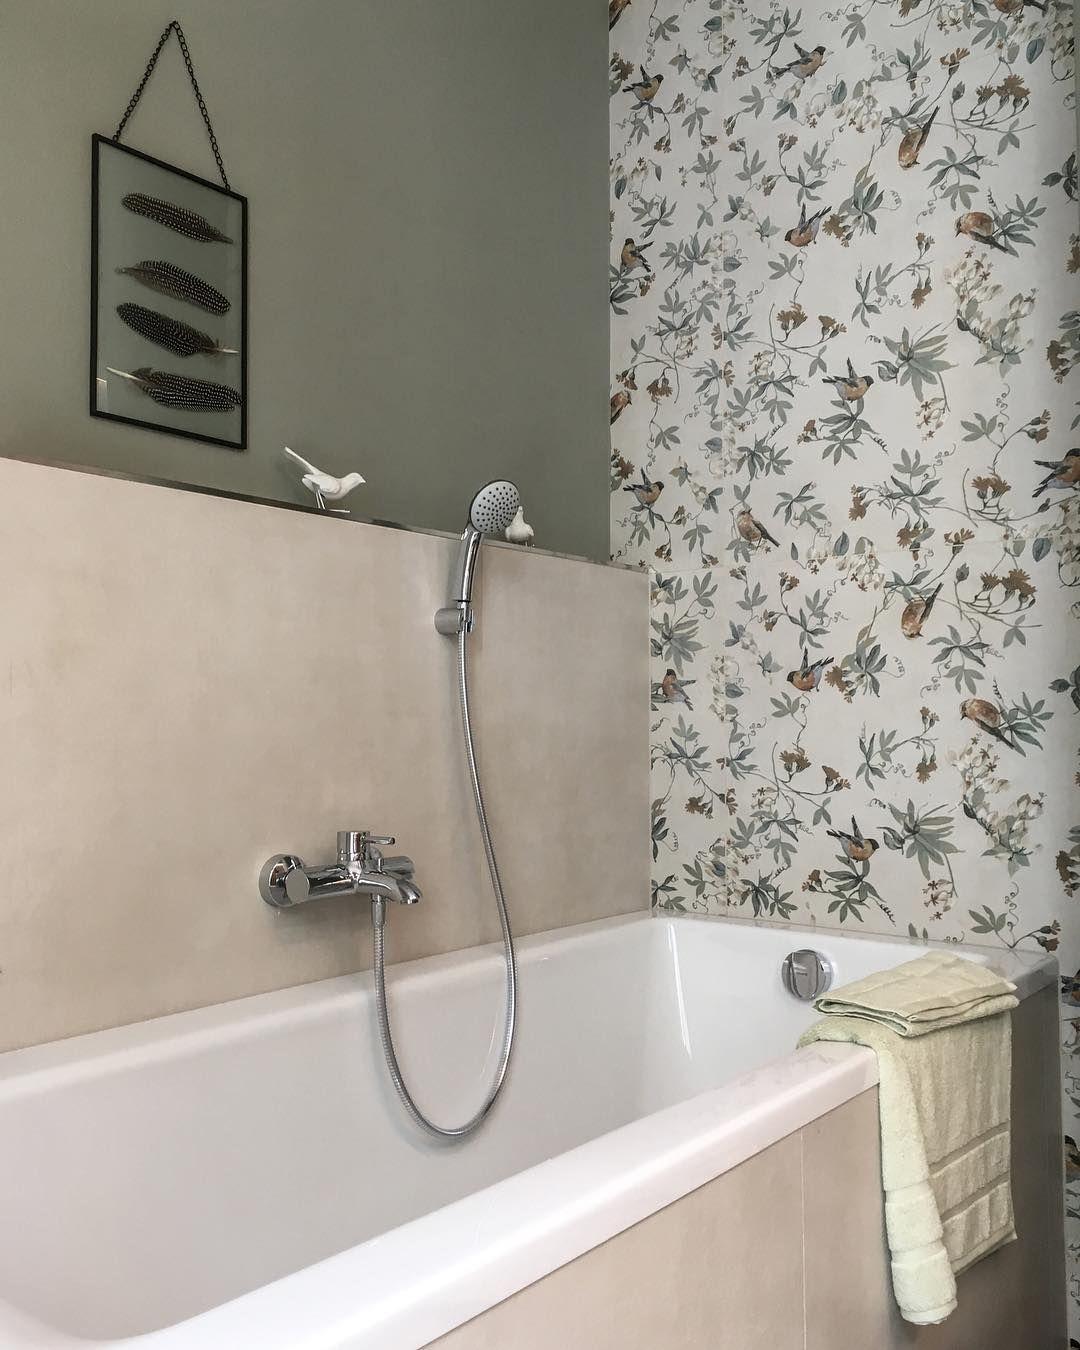 Tapeten Im Bad Ja Spezielle Wasserfeste Materialien Machen Es Moglich Und Erweitern Den Gestaltungsspielraum Gewaltig Bathtub Clawfoot Bathtub Clawfoot